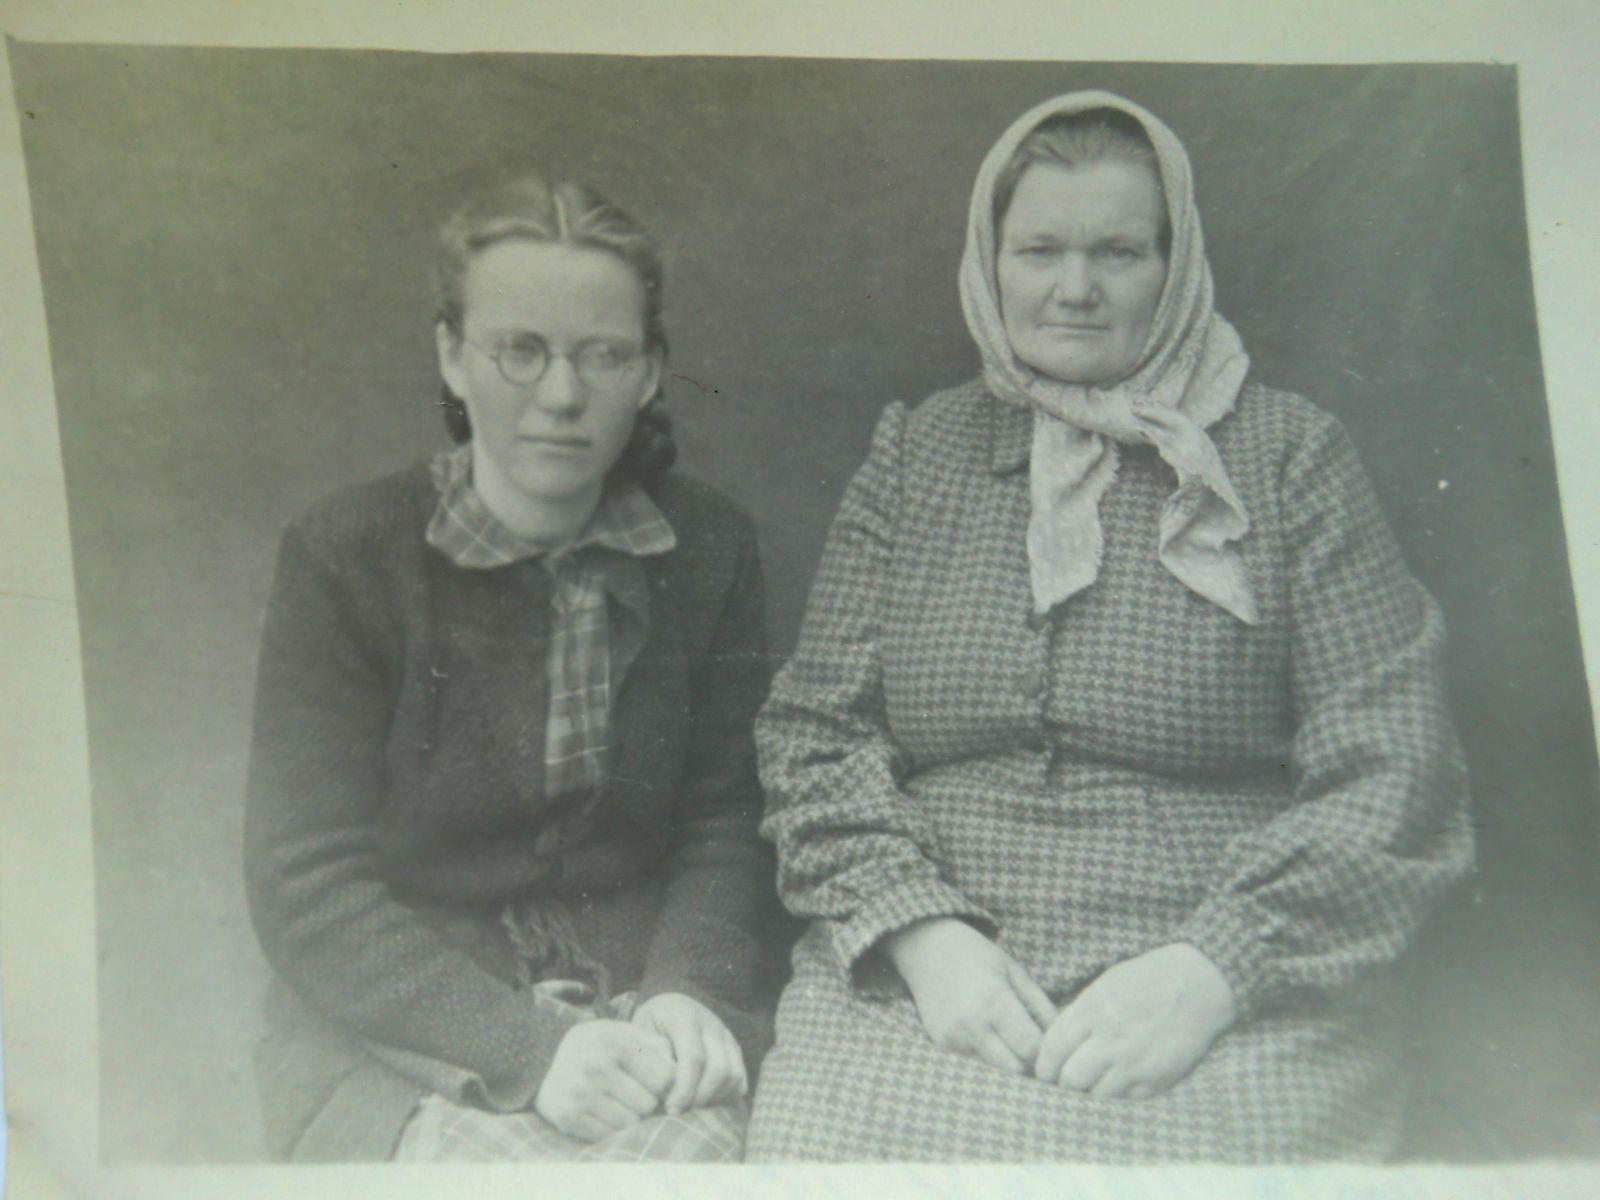 Elenutė (kairėje) su mama Ona Voguliene pakeliui į Intą (1953 m. gegužės 15 d.)